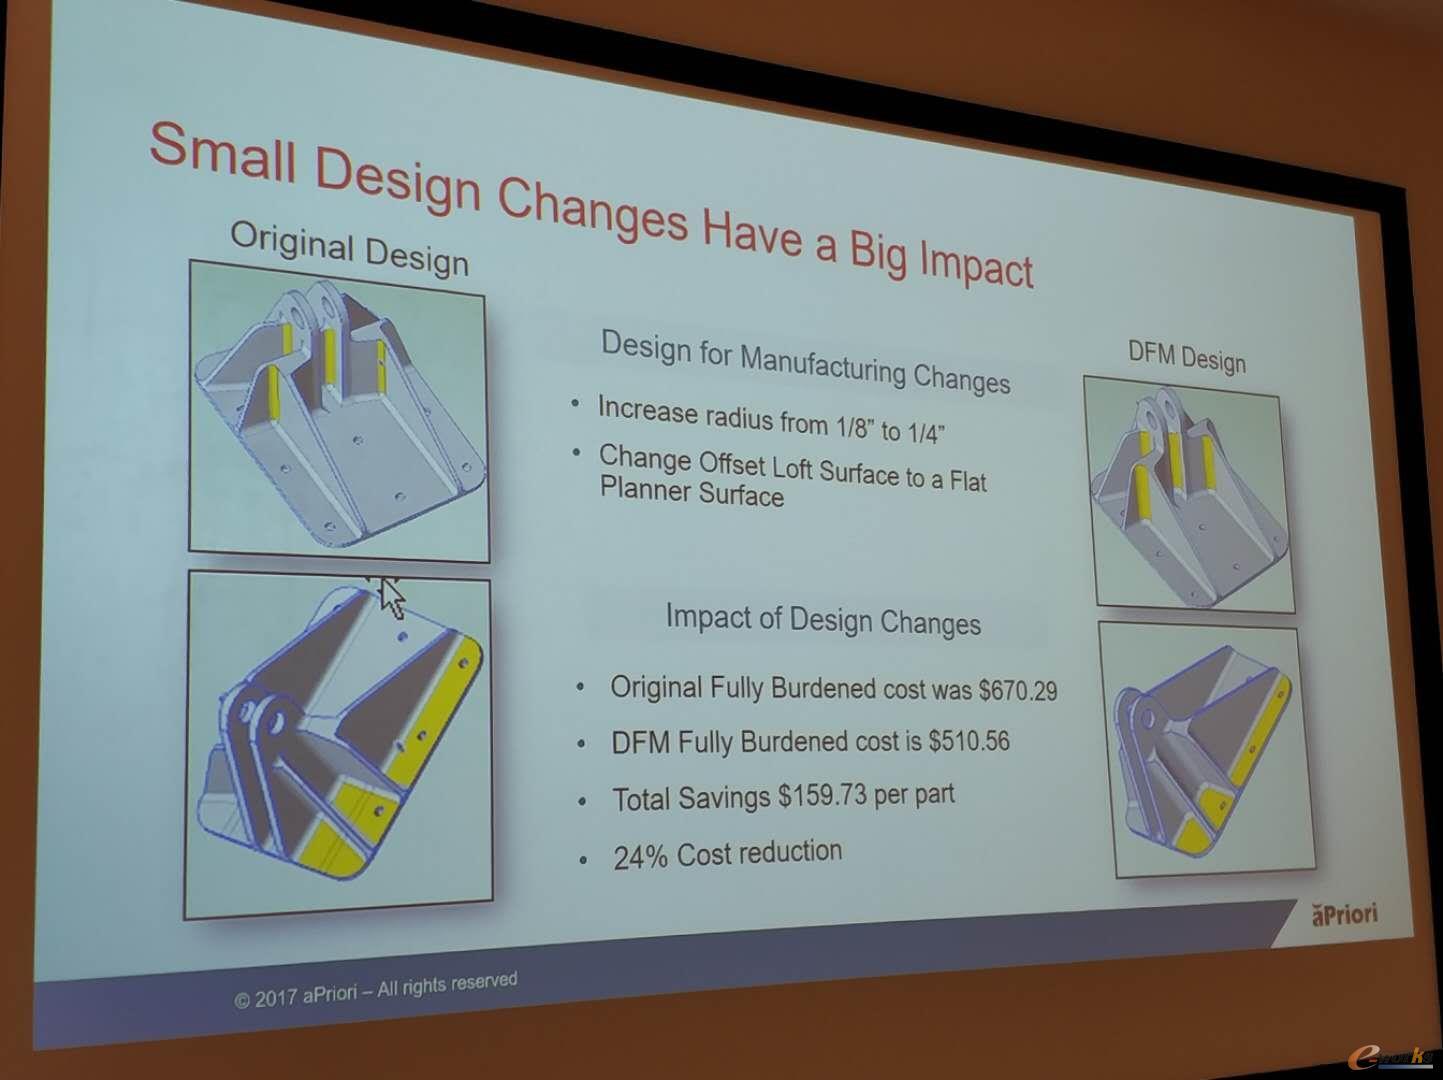 小的设计改变会对导致成本的一个大变化